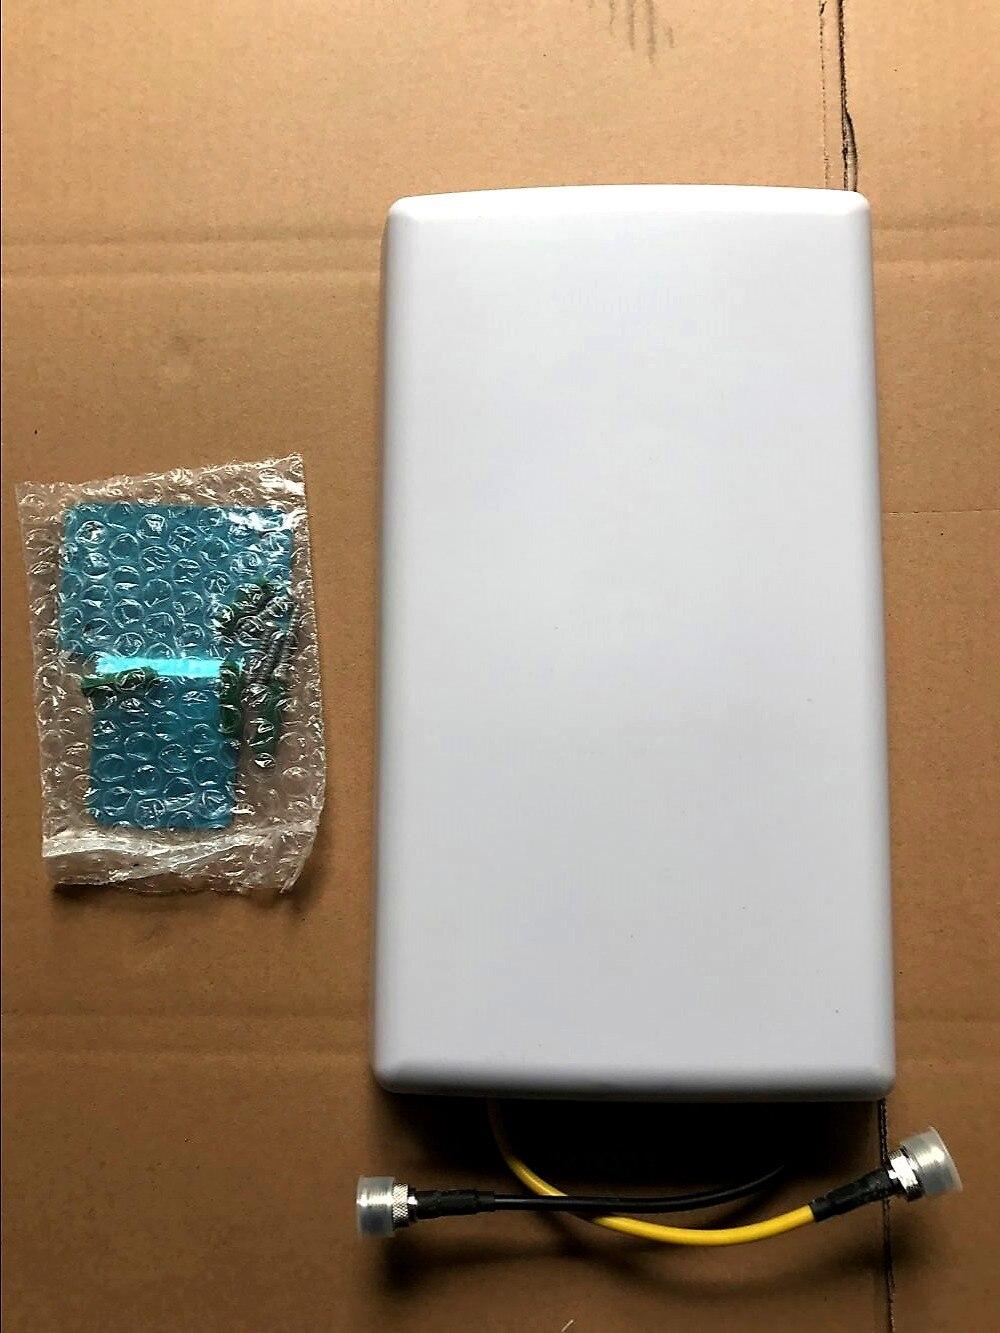 imágenes para Cubierta 2x2 Mimo 3G 4G Antena de Panel LTE 880-2700 MHz MIMO Antena de Banda Ancha